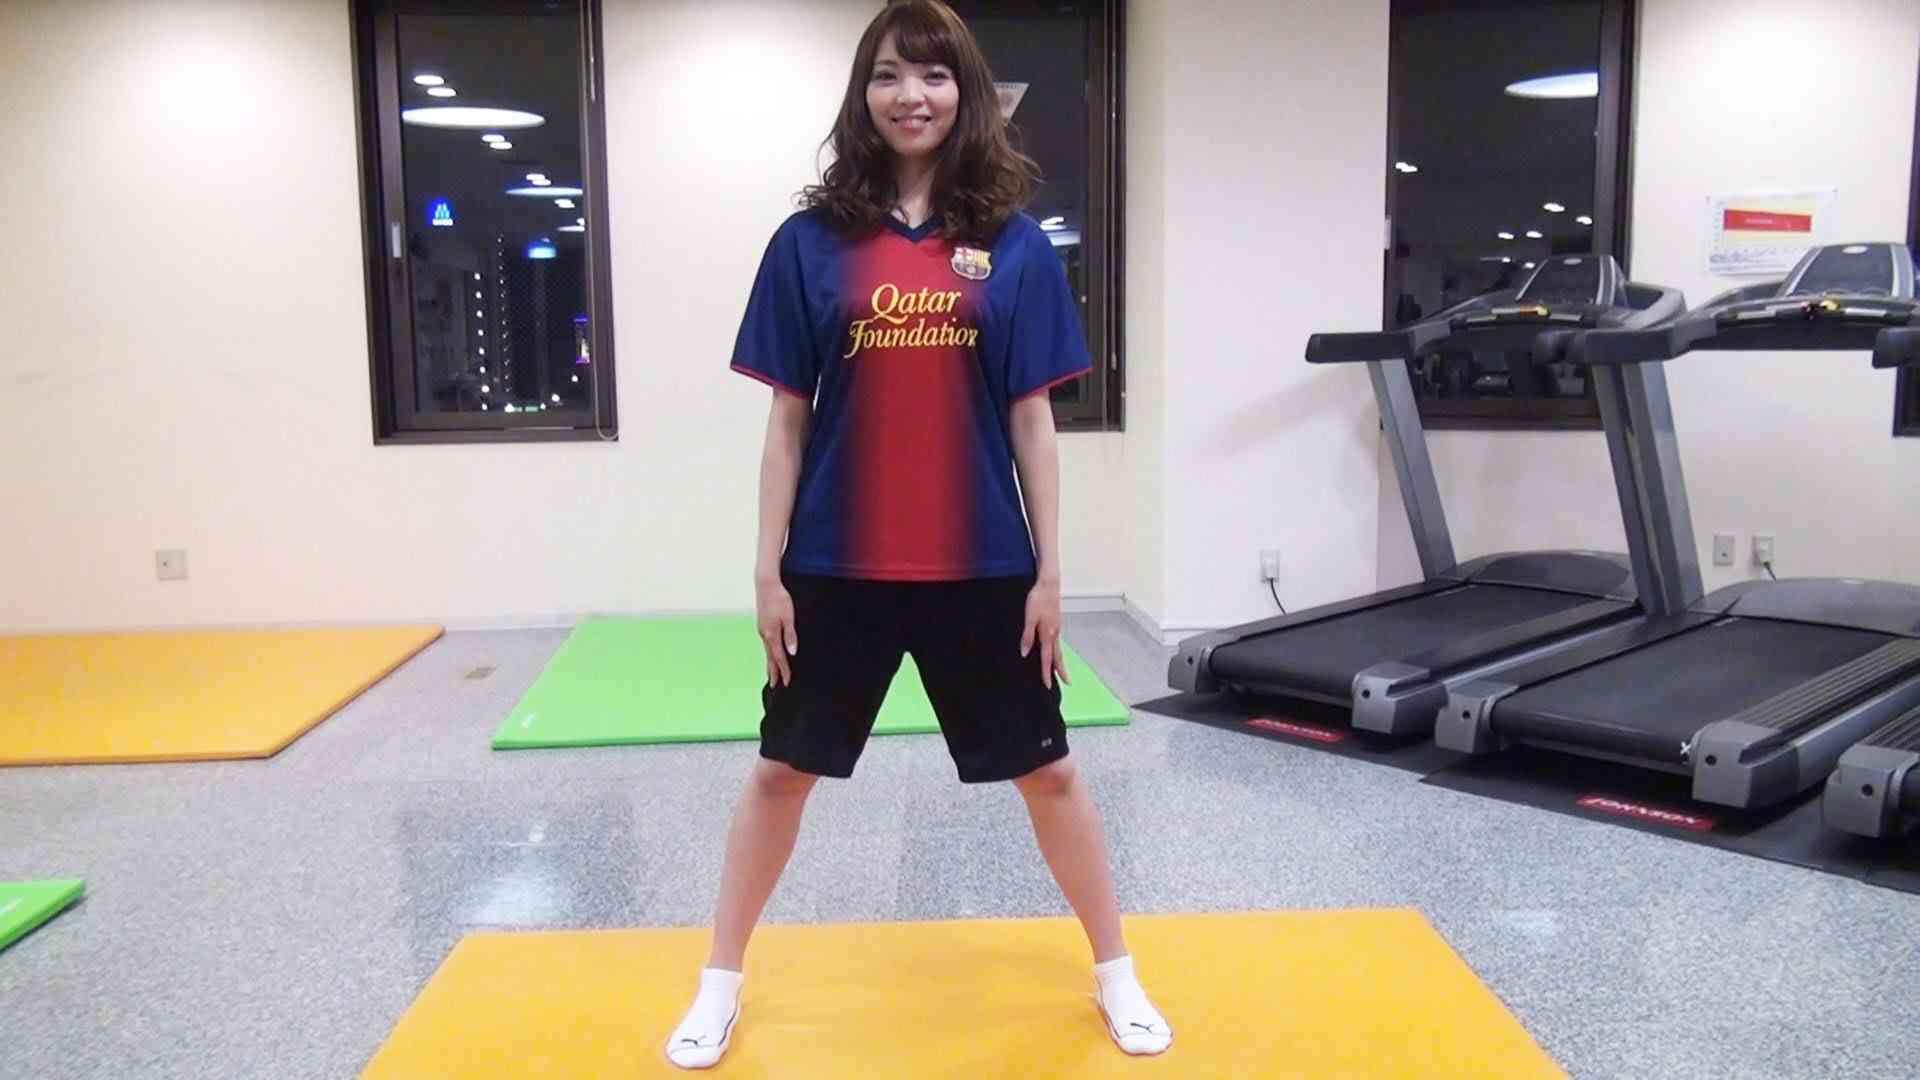 お腹の脂肪+背中の脂肪まで落とすスクワット! - YouTube